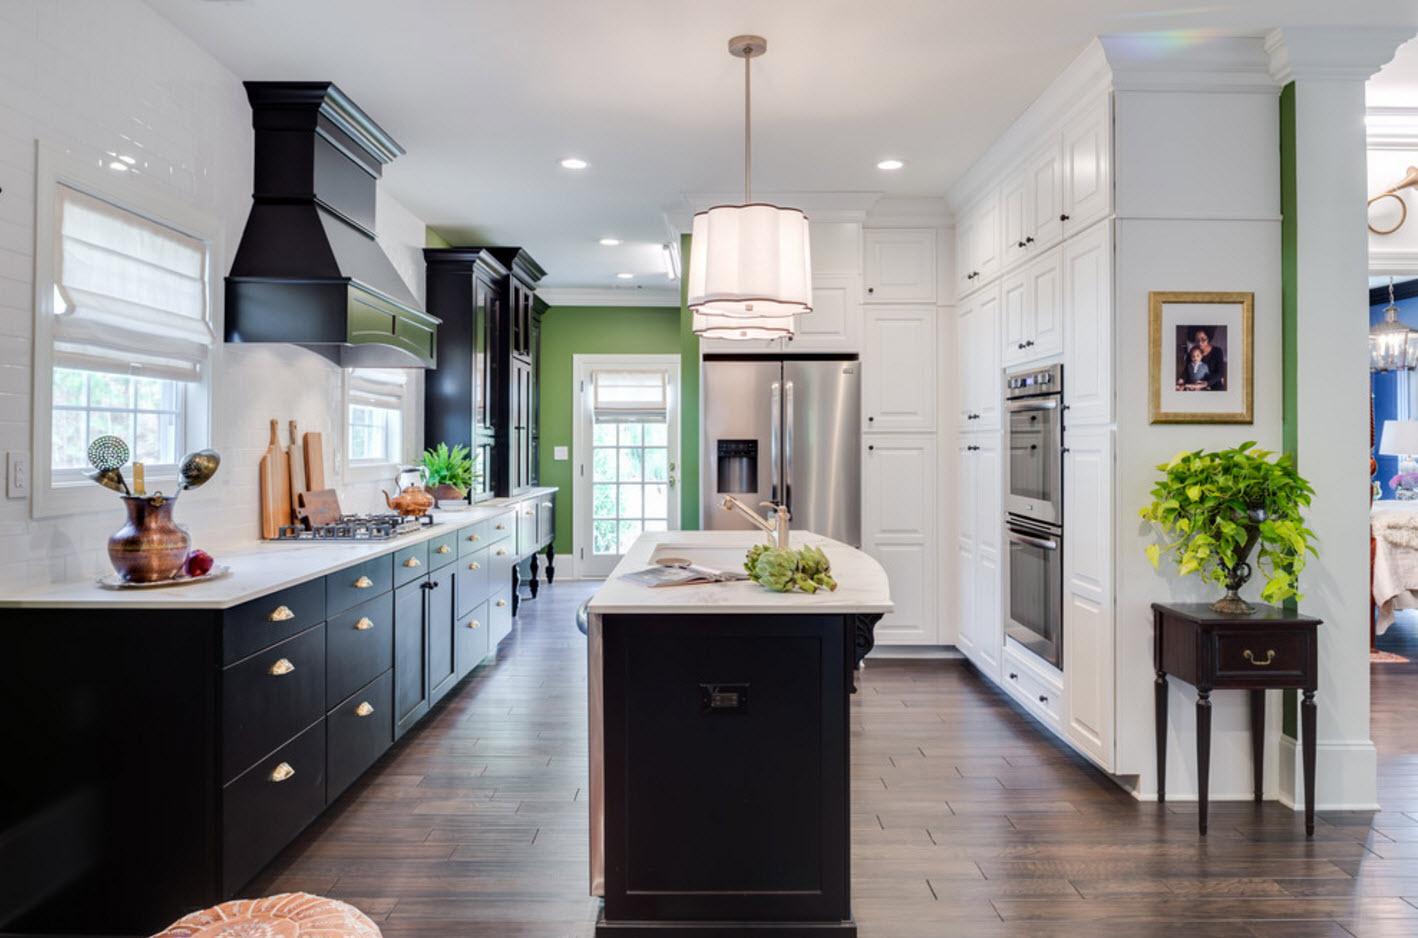 Контрастный интерьер кухни